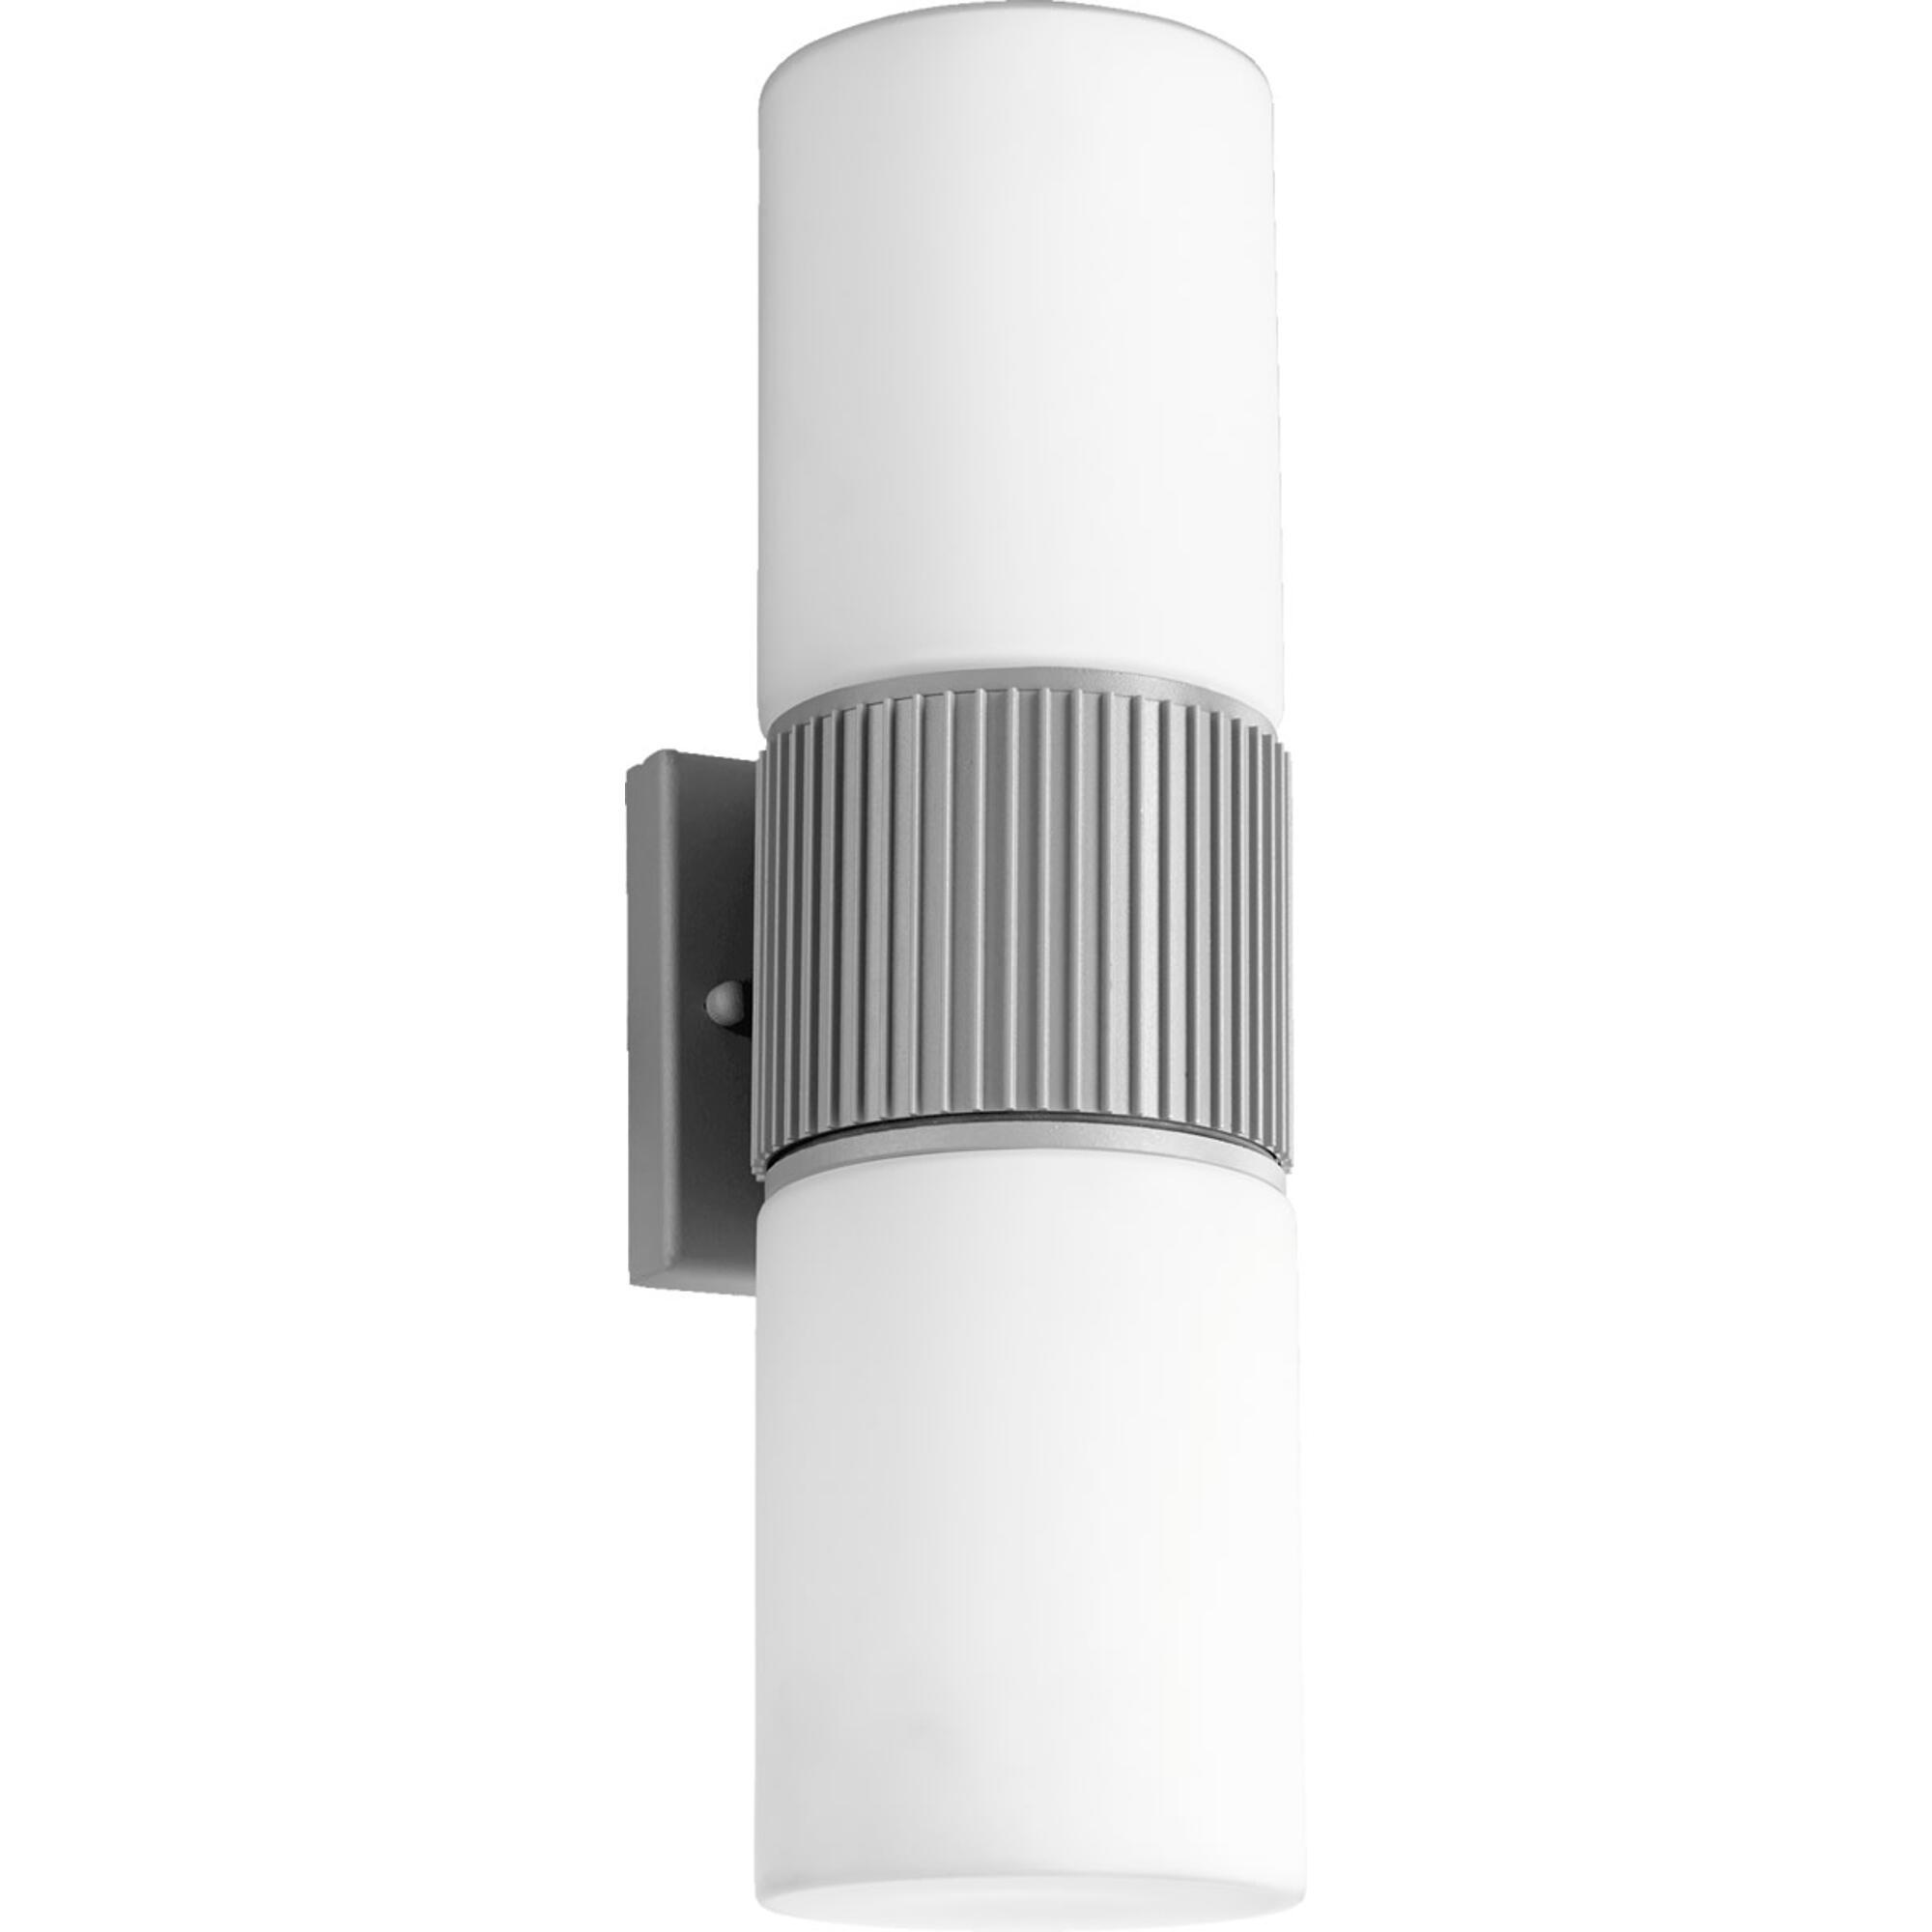 Manhattan 2-Light Wall Sconce Grey by Quorum. Modern Design Perfect for front door, garage door or back door